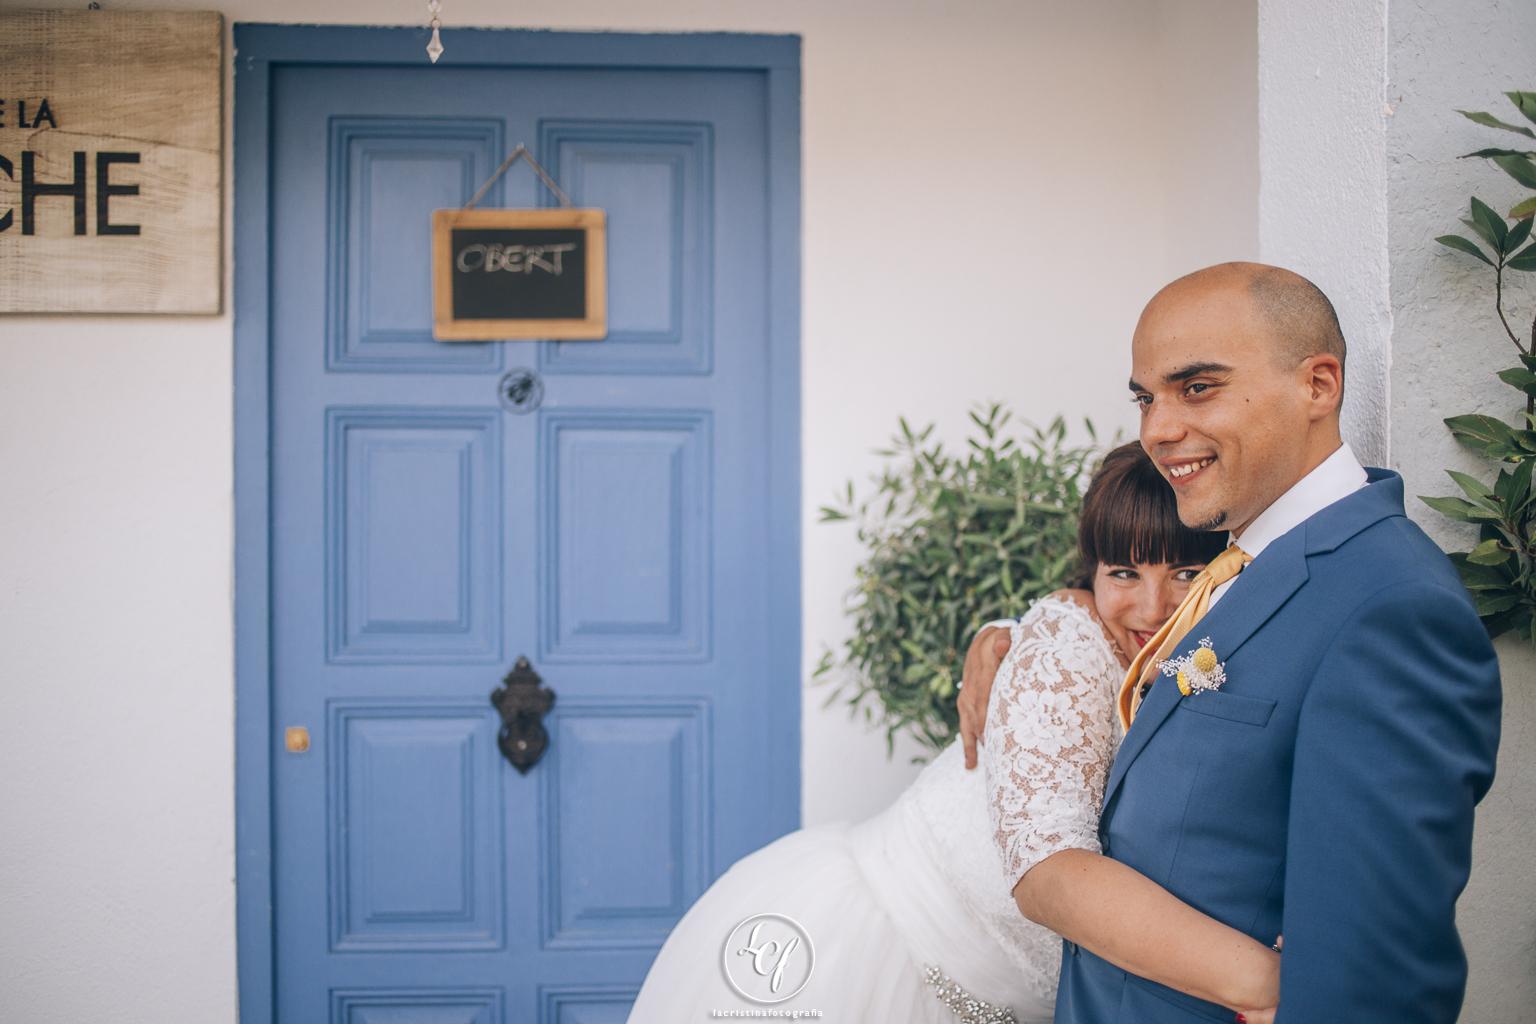 fotógrafo de boda sant cugat :: mercantic :: el siglo :: fotógrafo sant cugat :: fotografía de boda en sant cugat :: boda vintage :: boda en el mercantic :: boda en la casa blava :: el turó de can mates